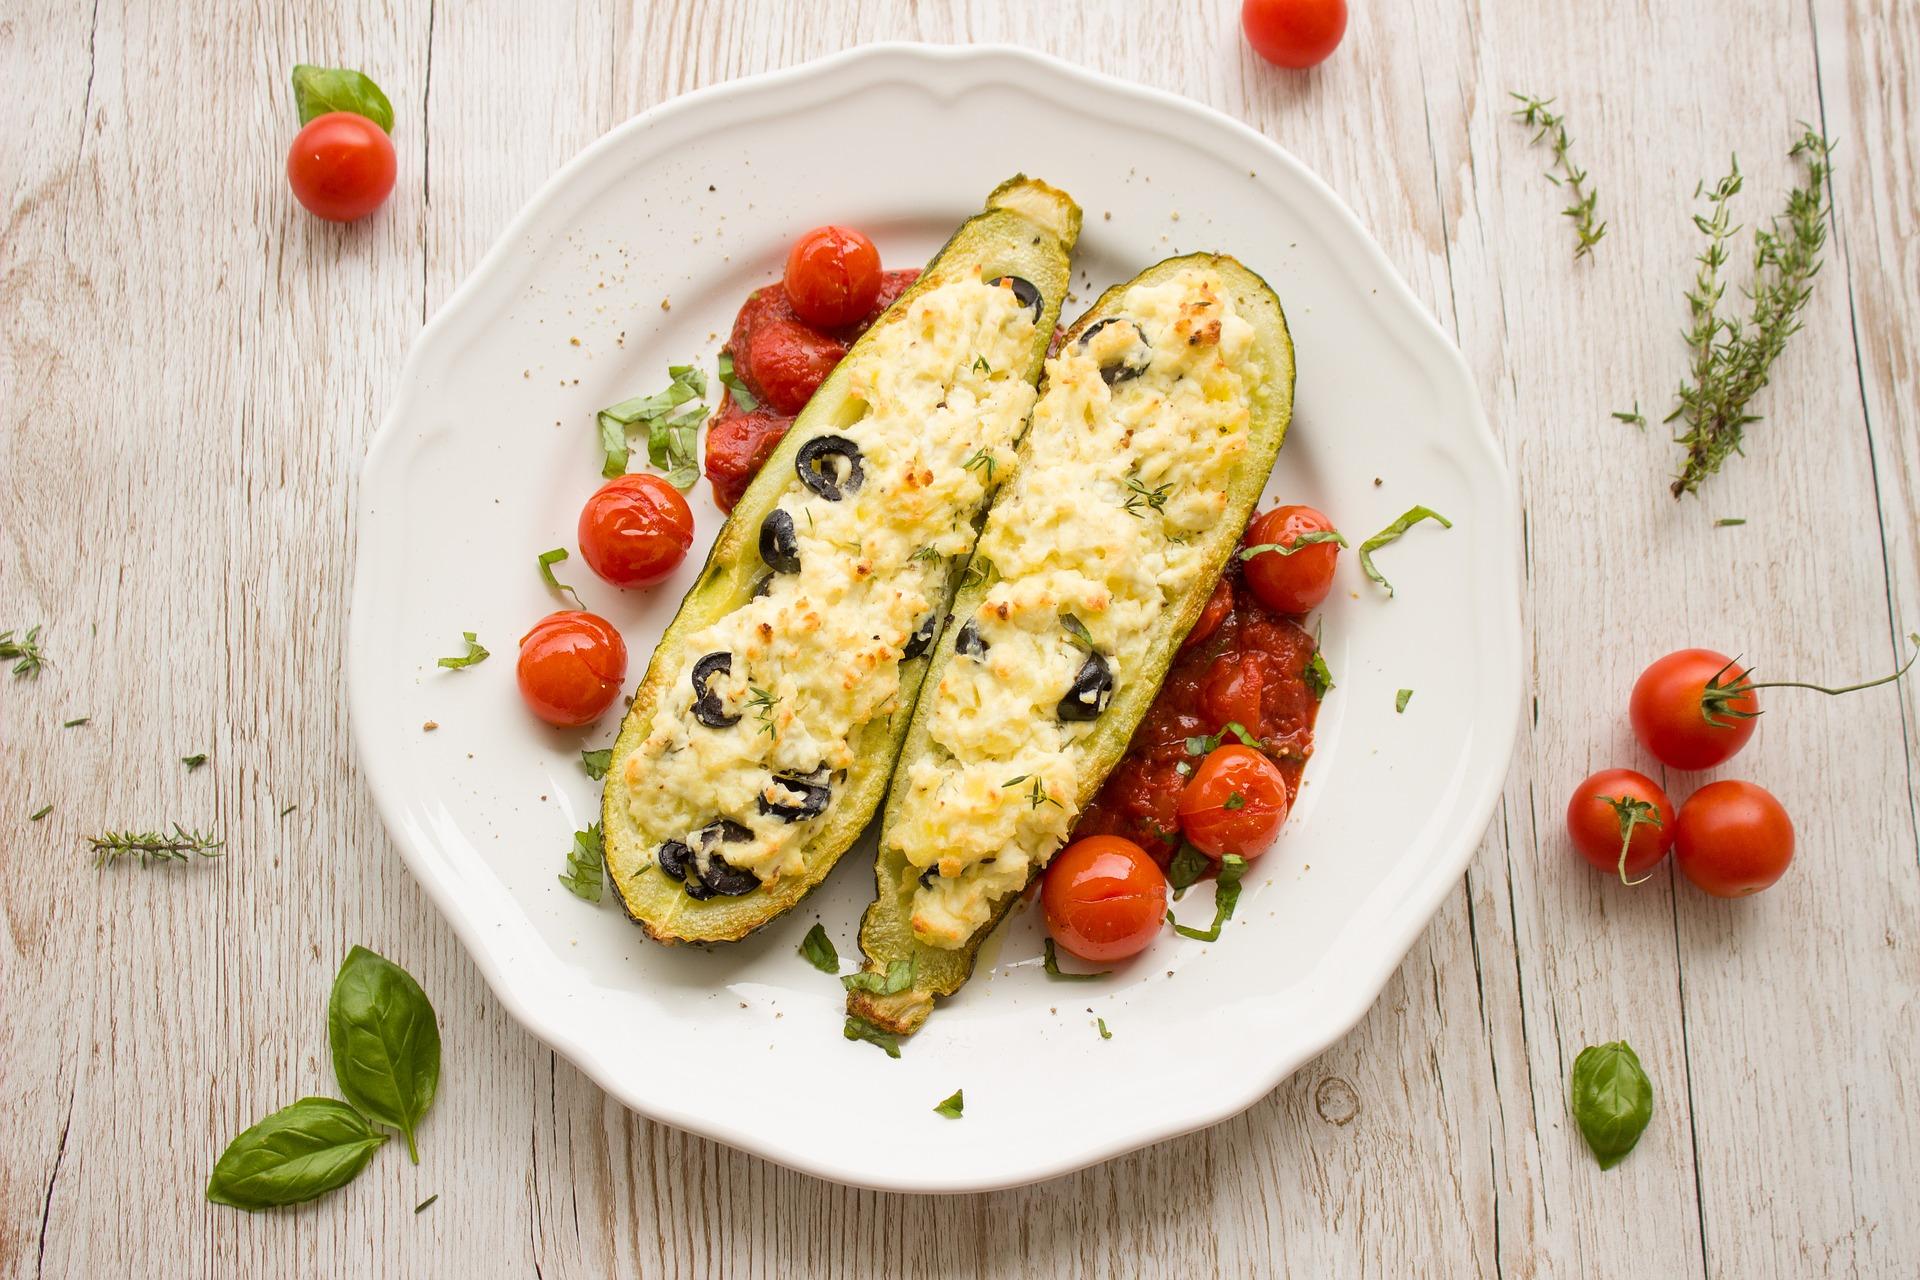 Cukinia faszerowana kaszą jaglaną, indykiem i suszonymi pomidorami – pomysł na lekkostrawny i smaczny obiad